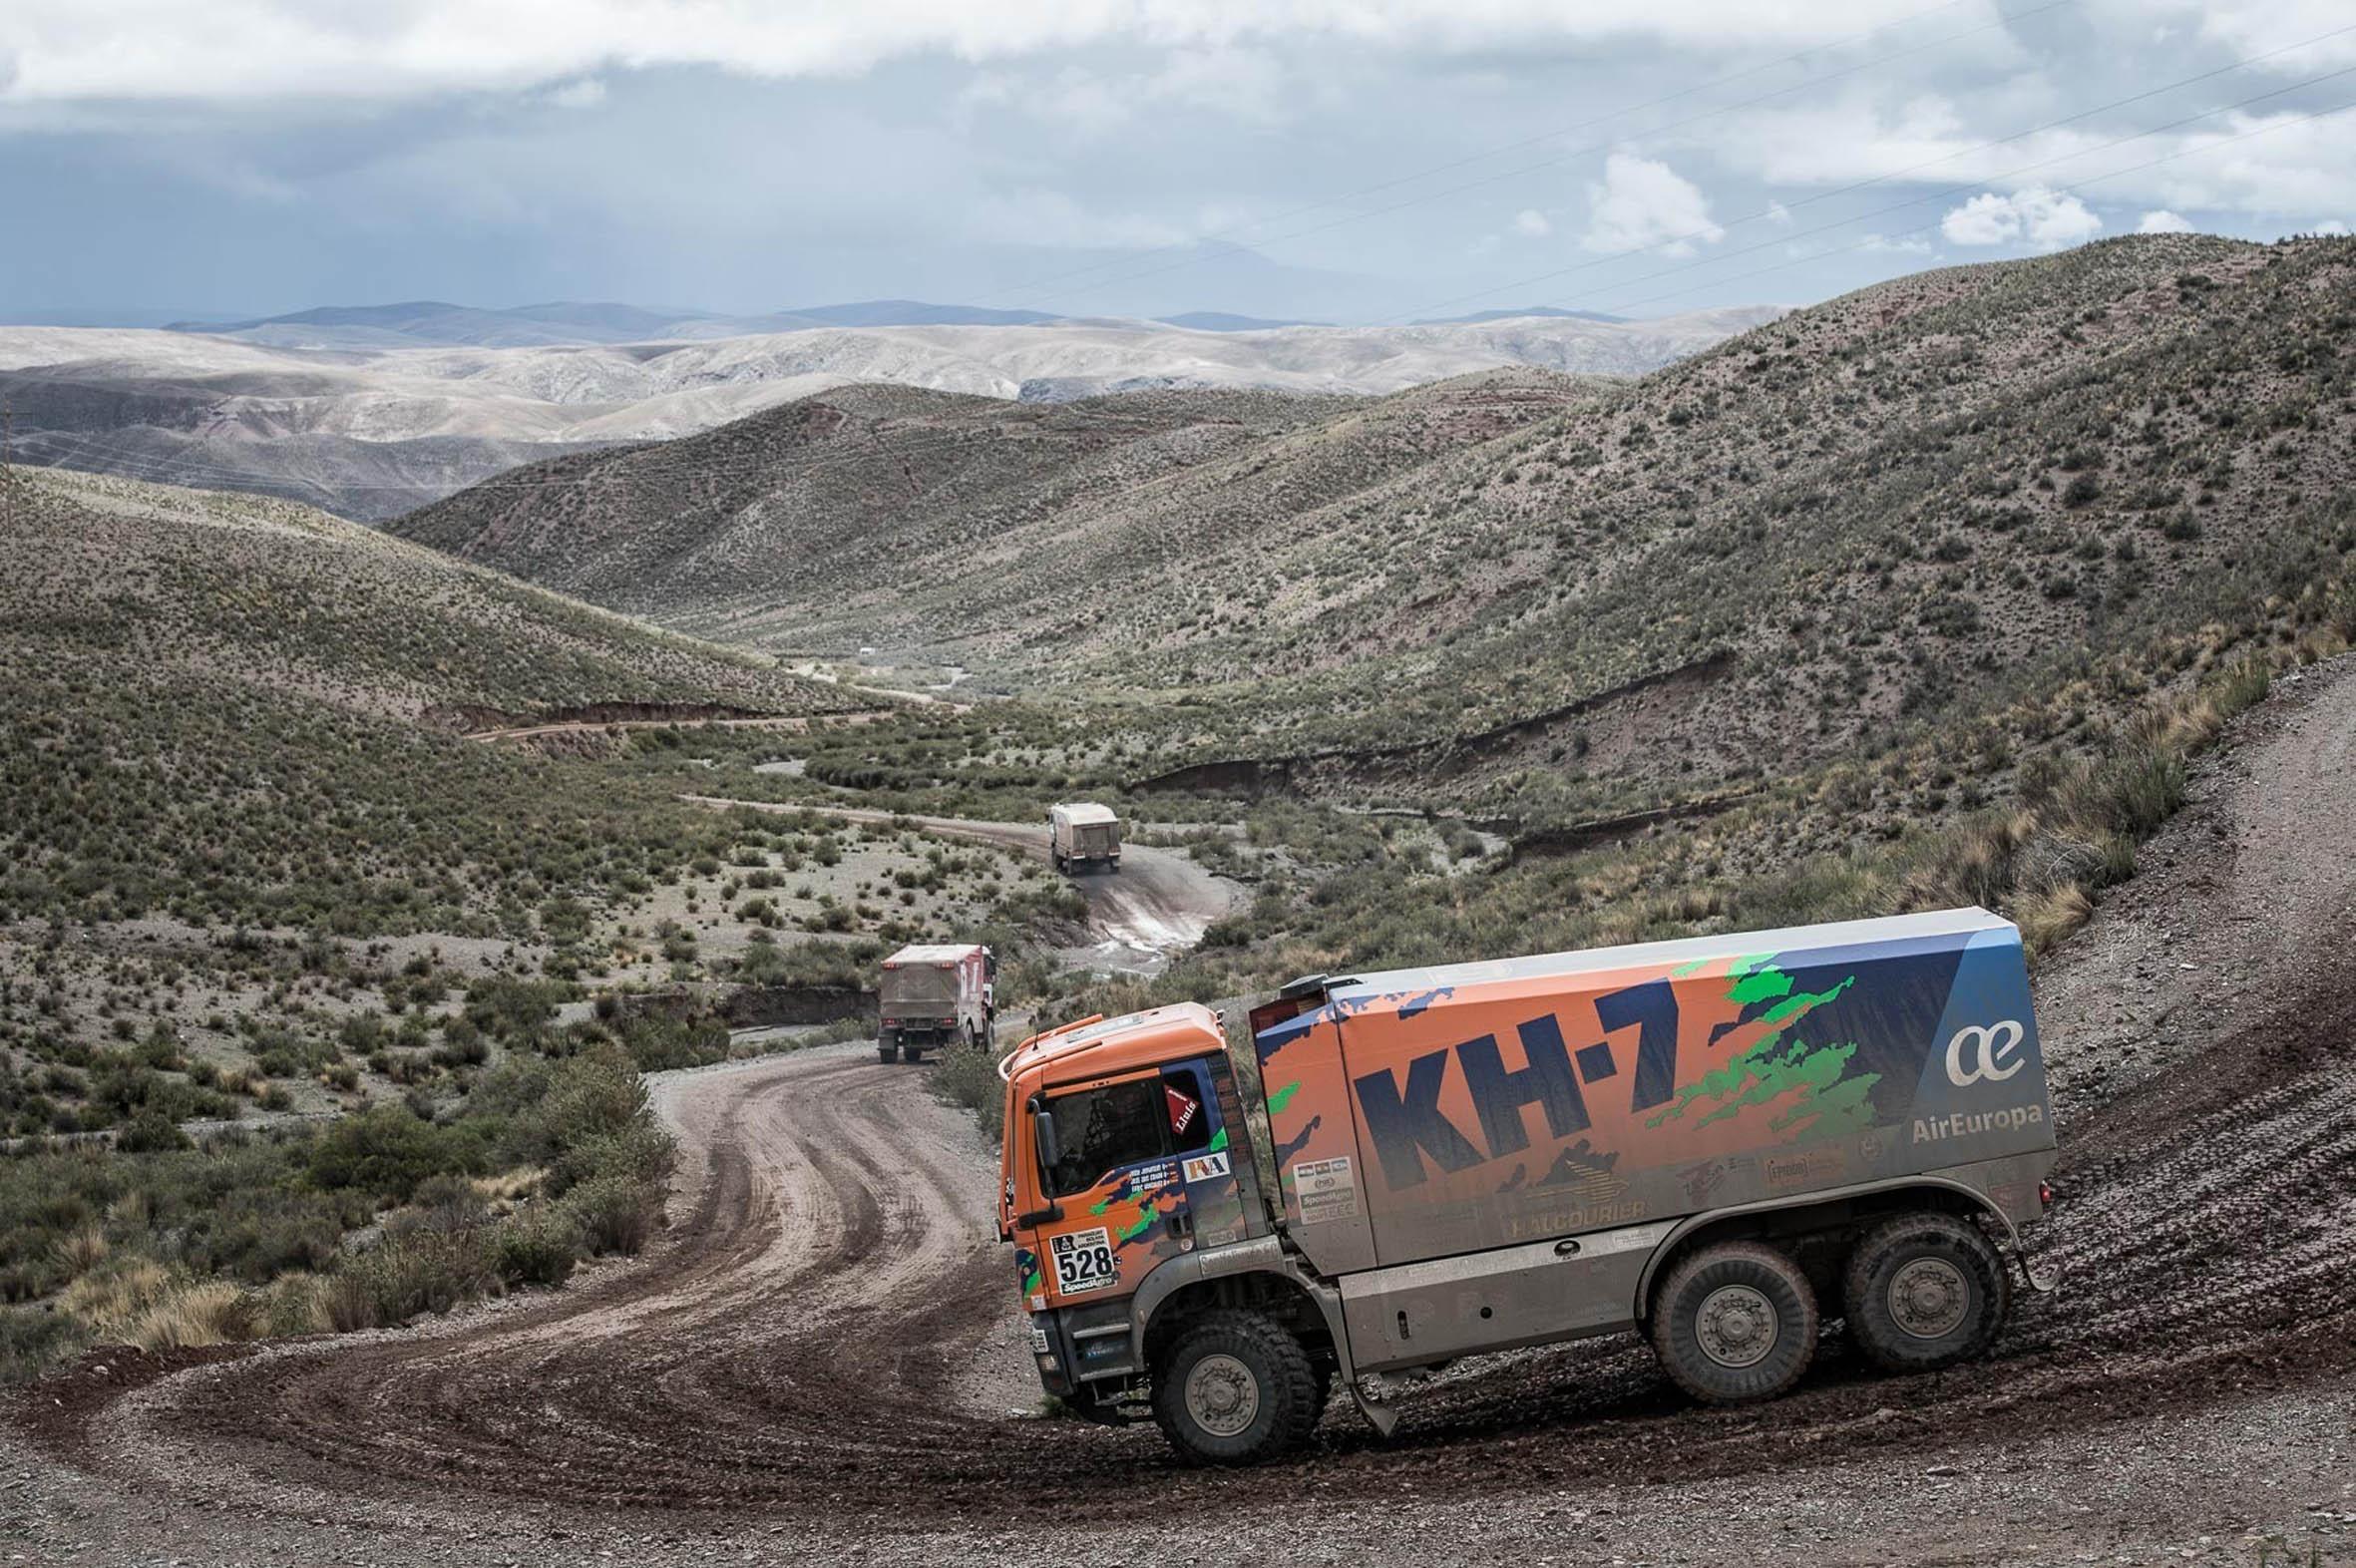 El camió dels vallesans, en un dels espectaculars paratges del ral·li